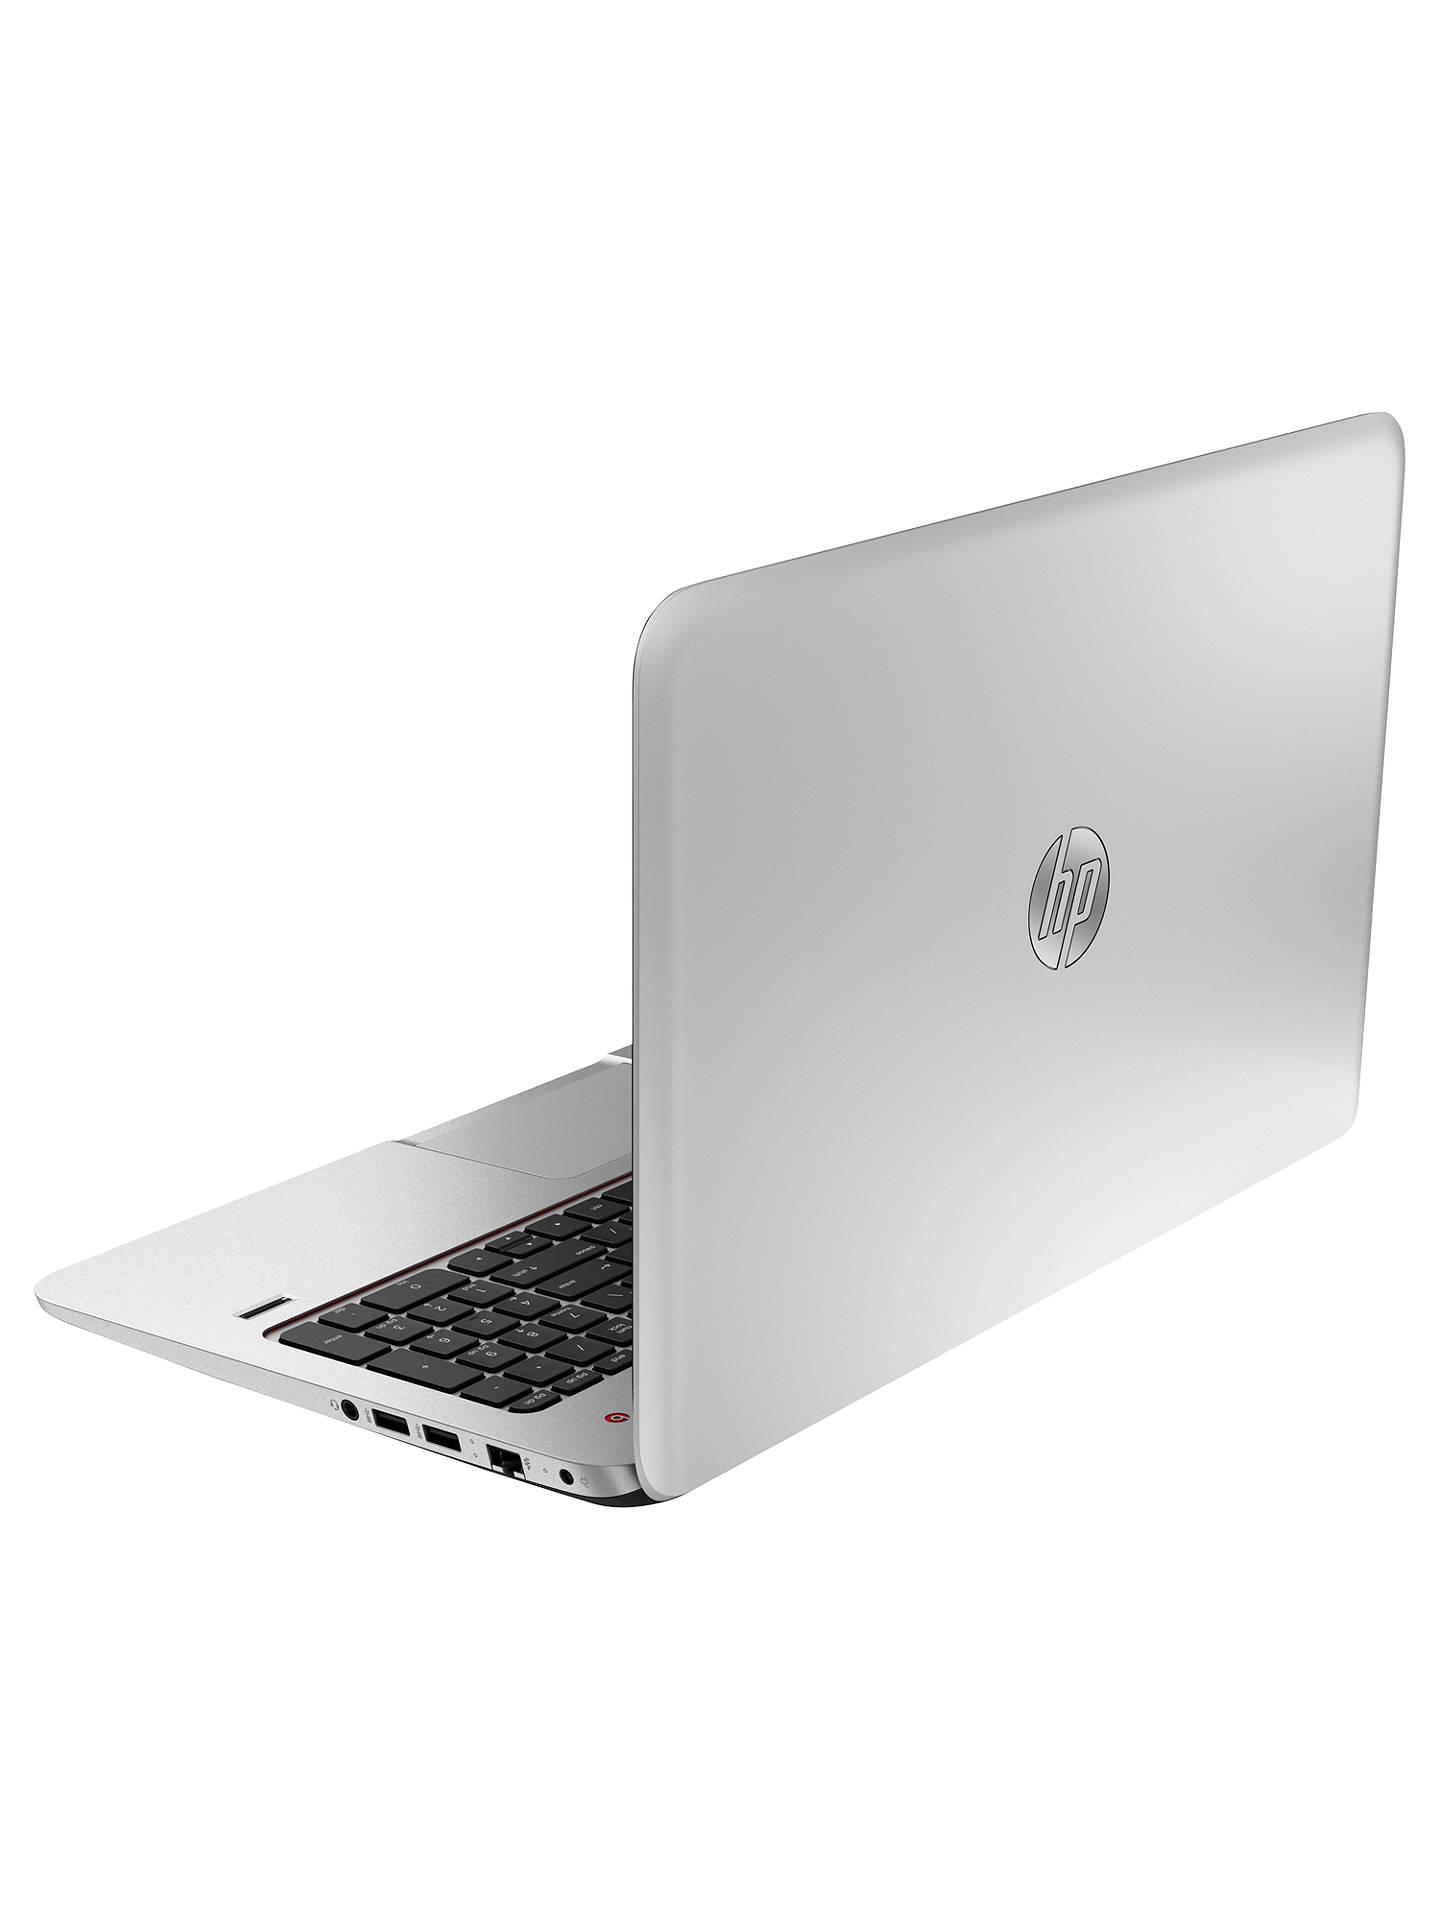 HP Envy TouchSmart 15-j144na Laptop, Intel Core i7, 16GB RAM